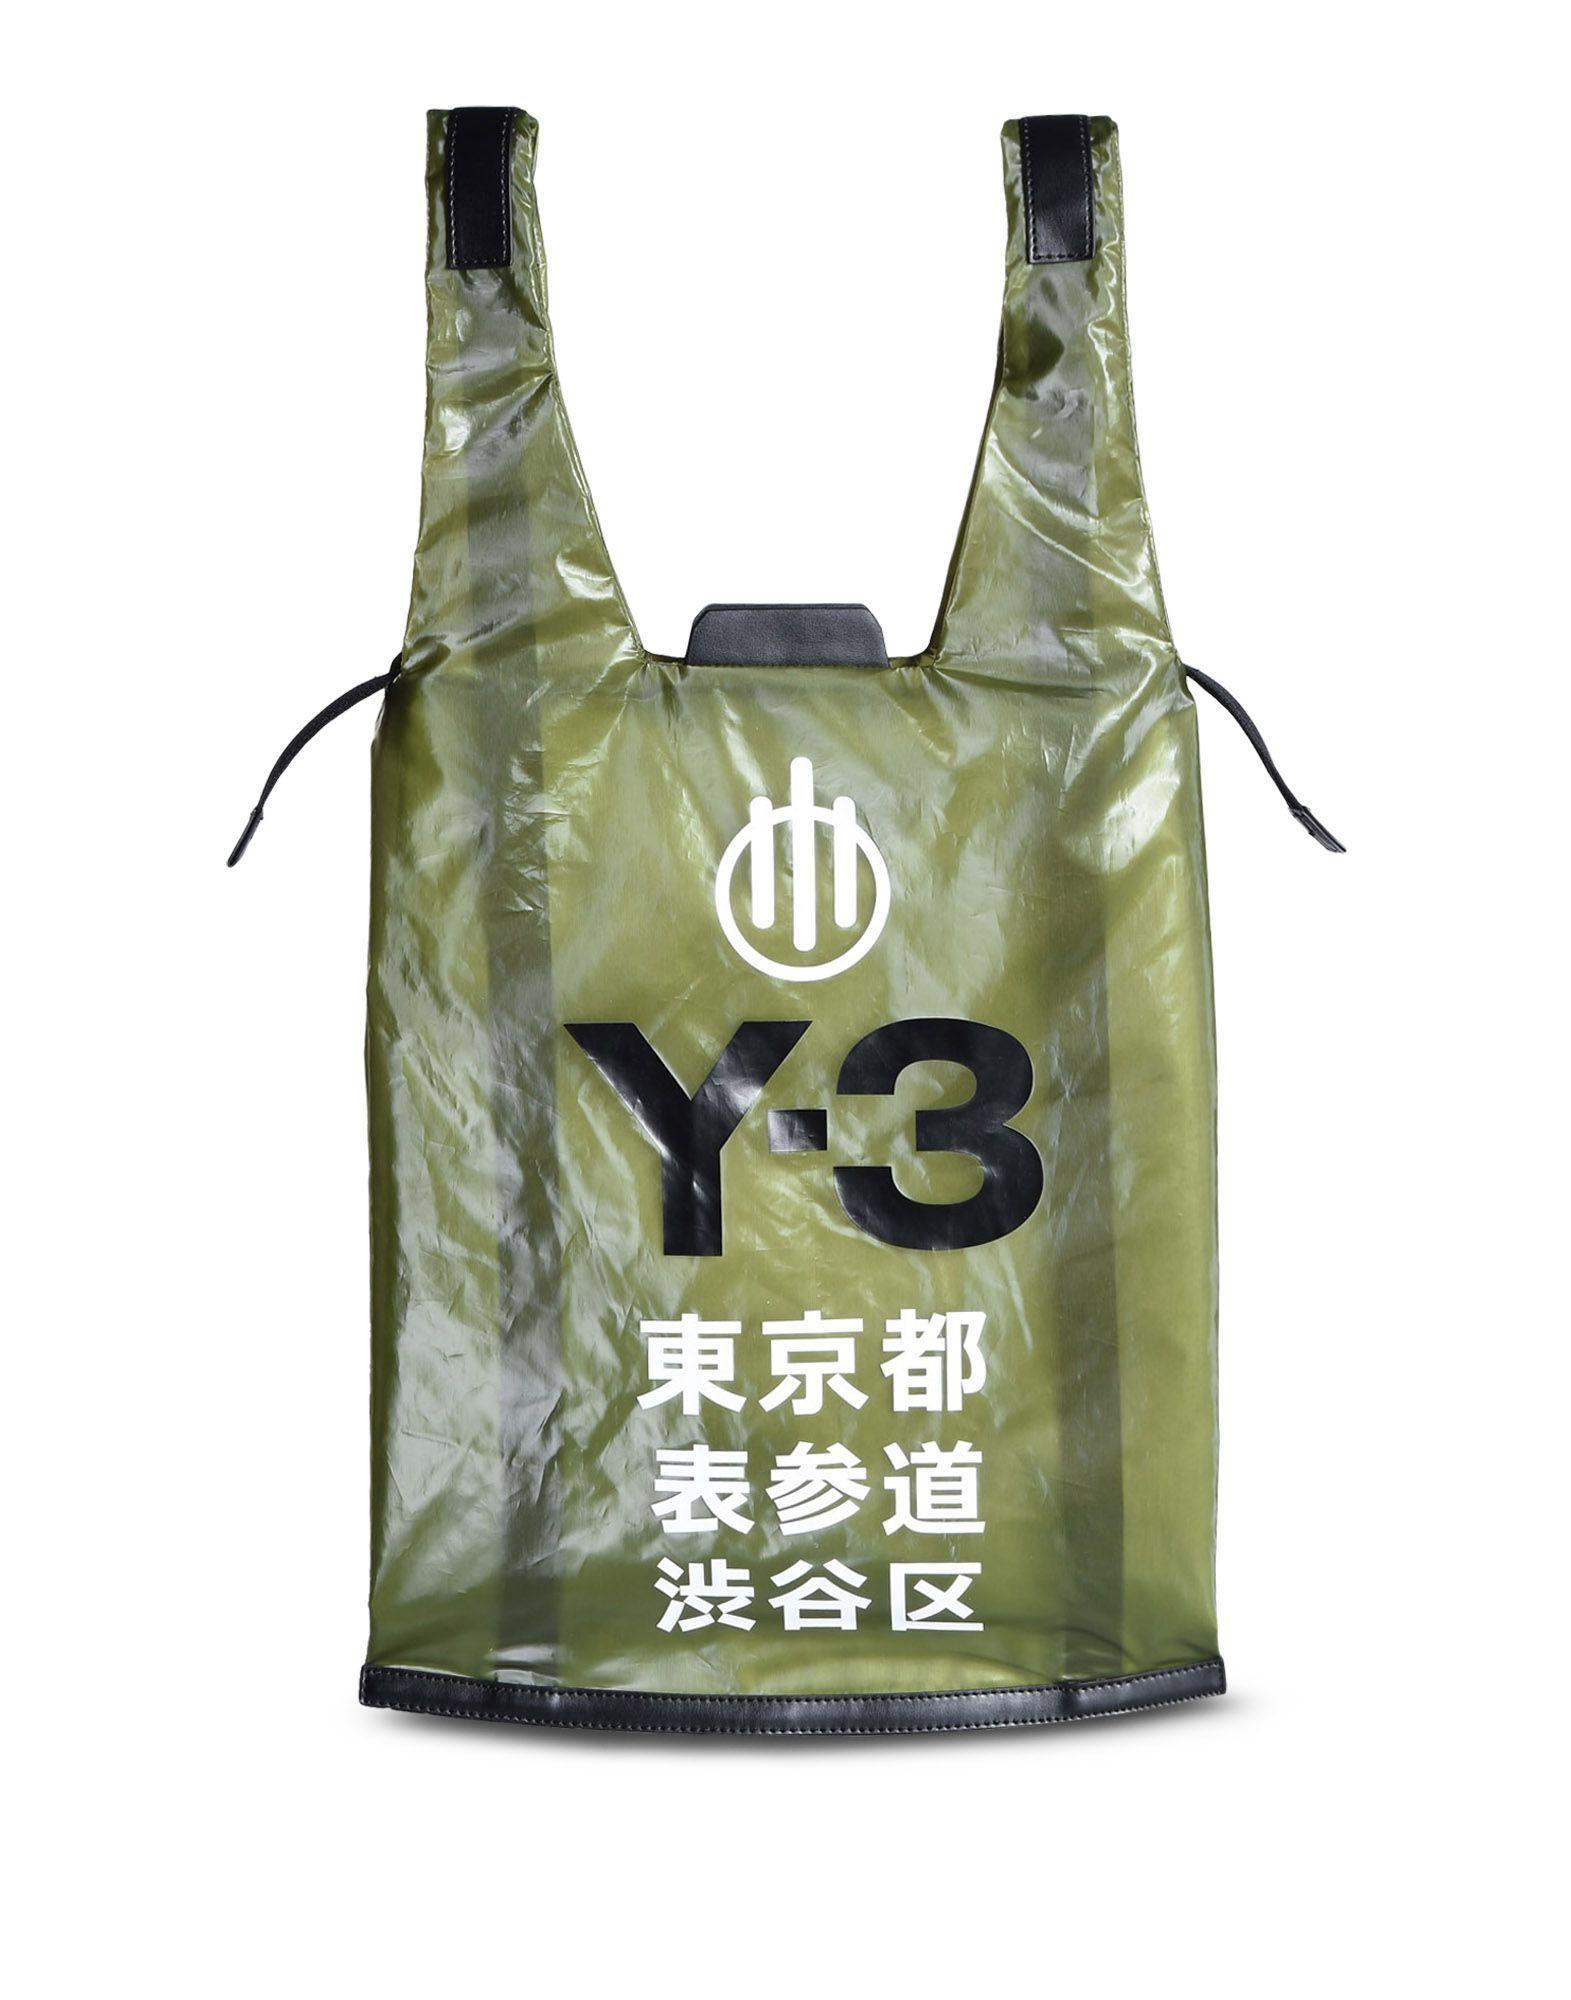 6ccec6b617328 Y-3 OMOTESANDO SHOPPER BAG BAGS unisex Y-3 adidas